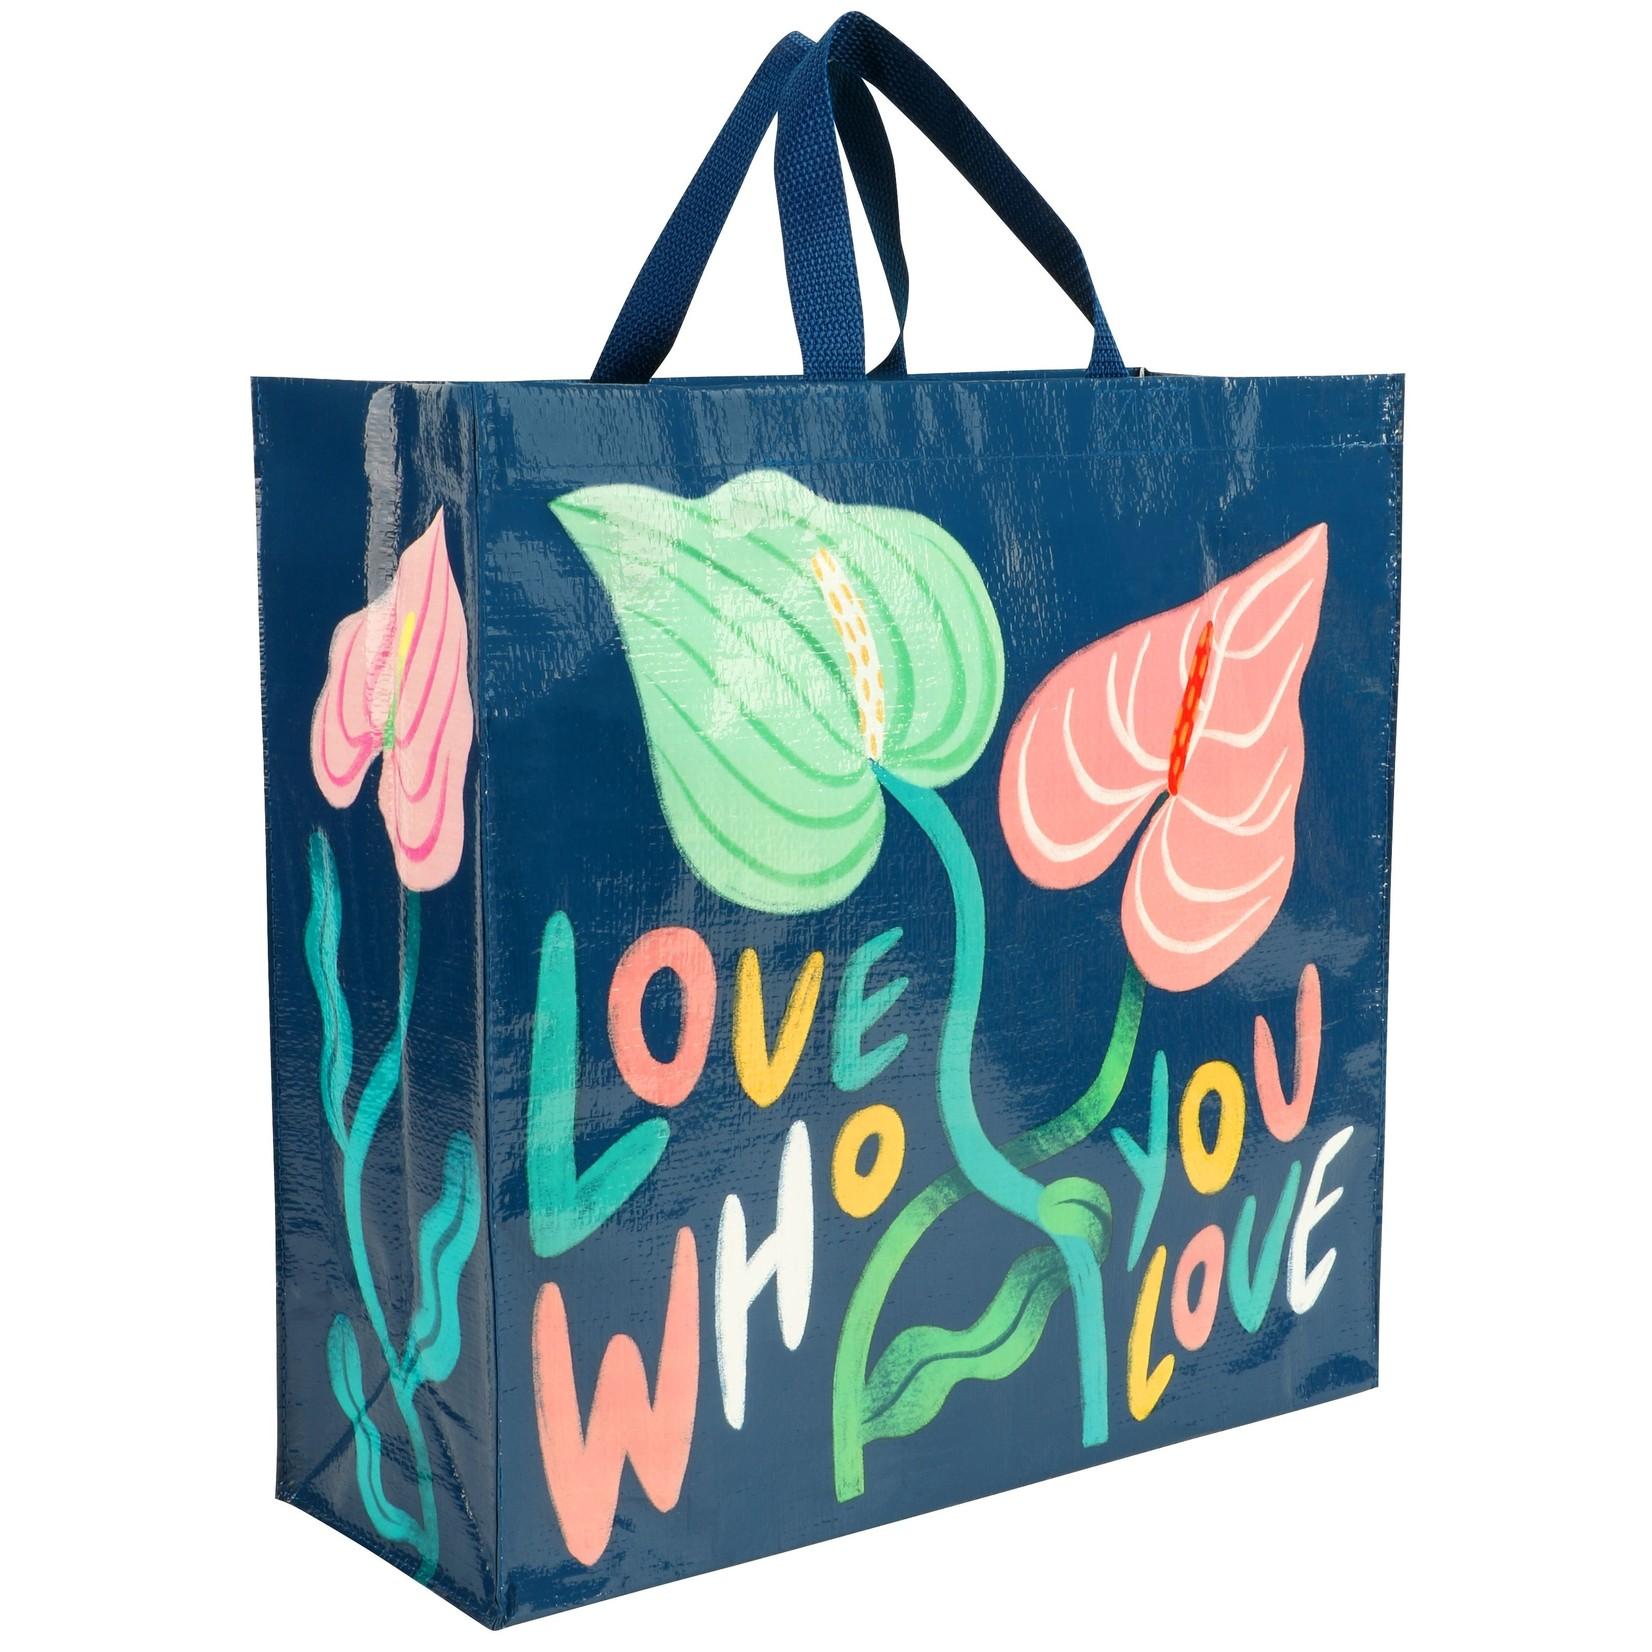 Blue Q Love Who You Love Shopper